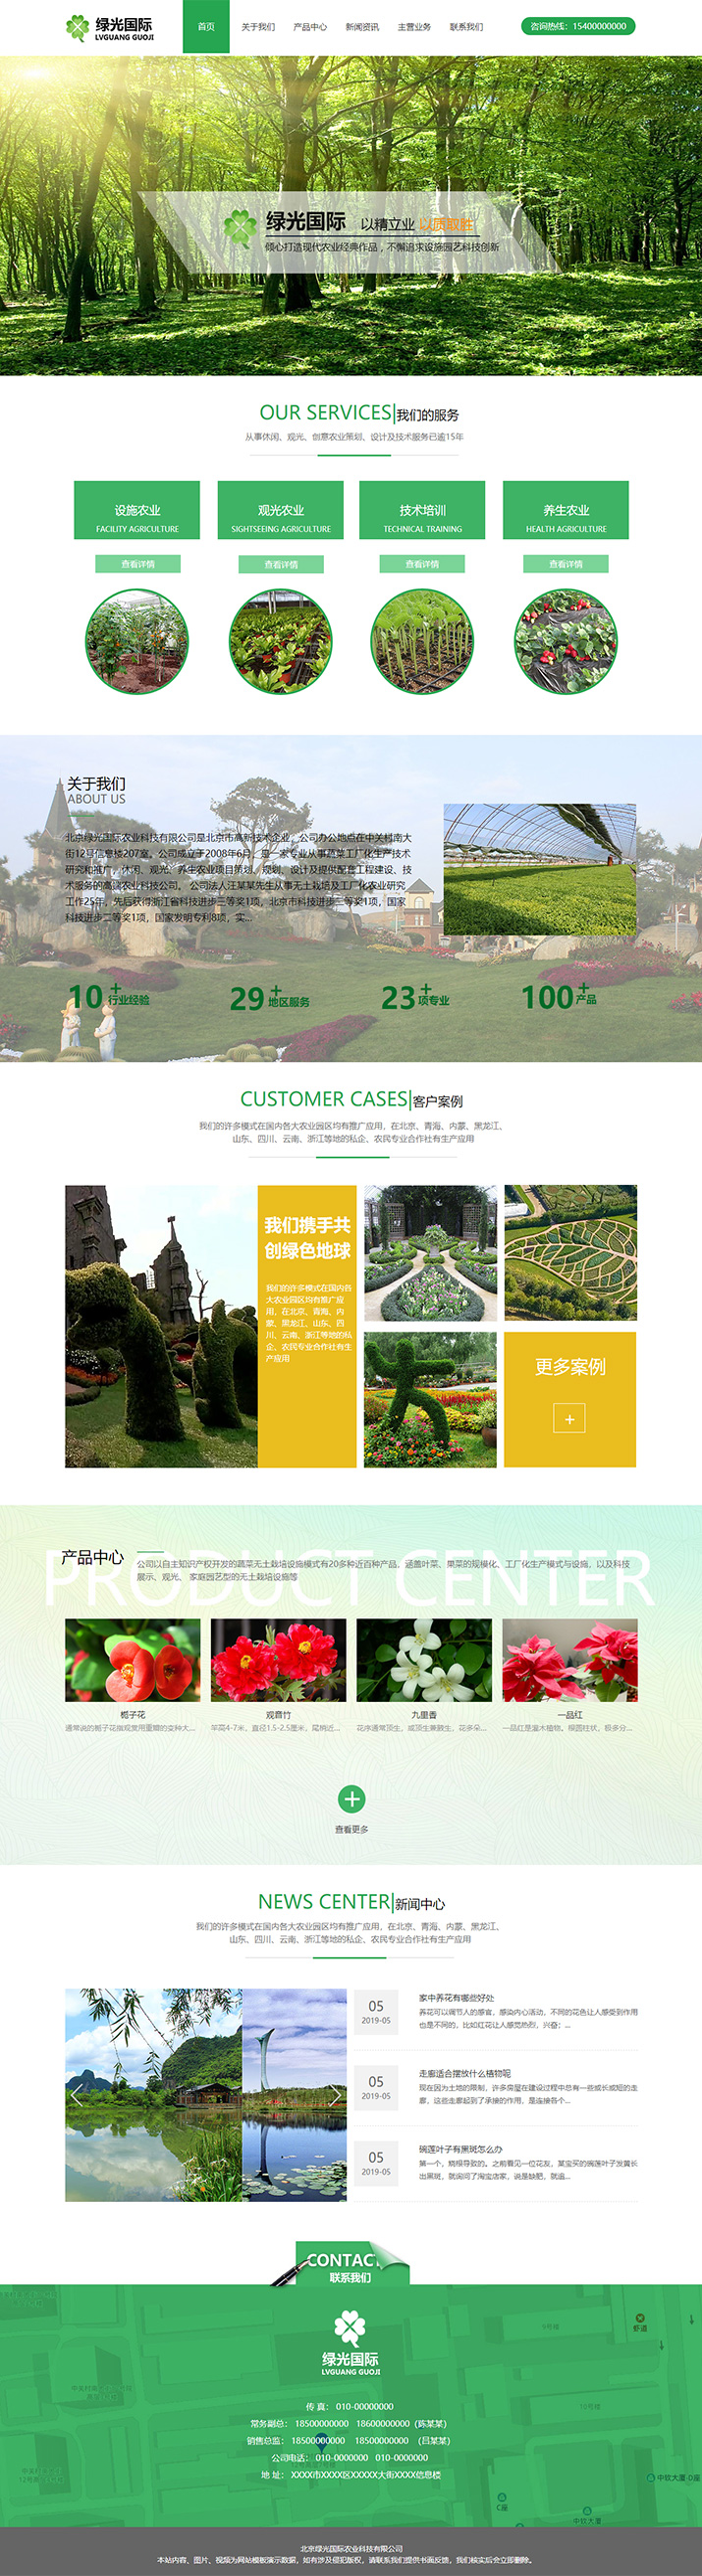 园艺花卉网站模板